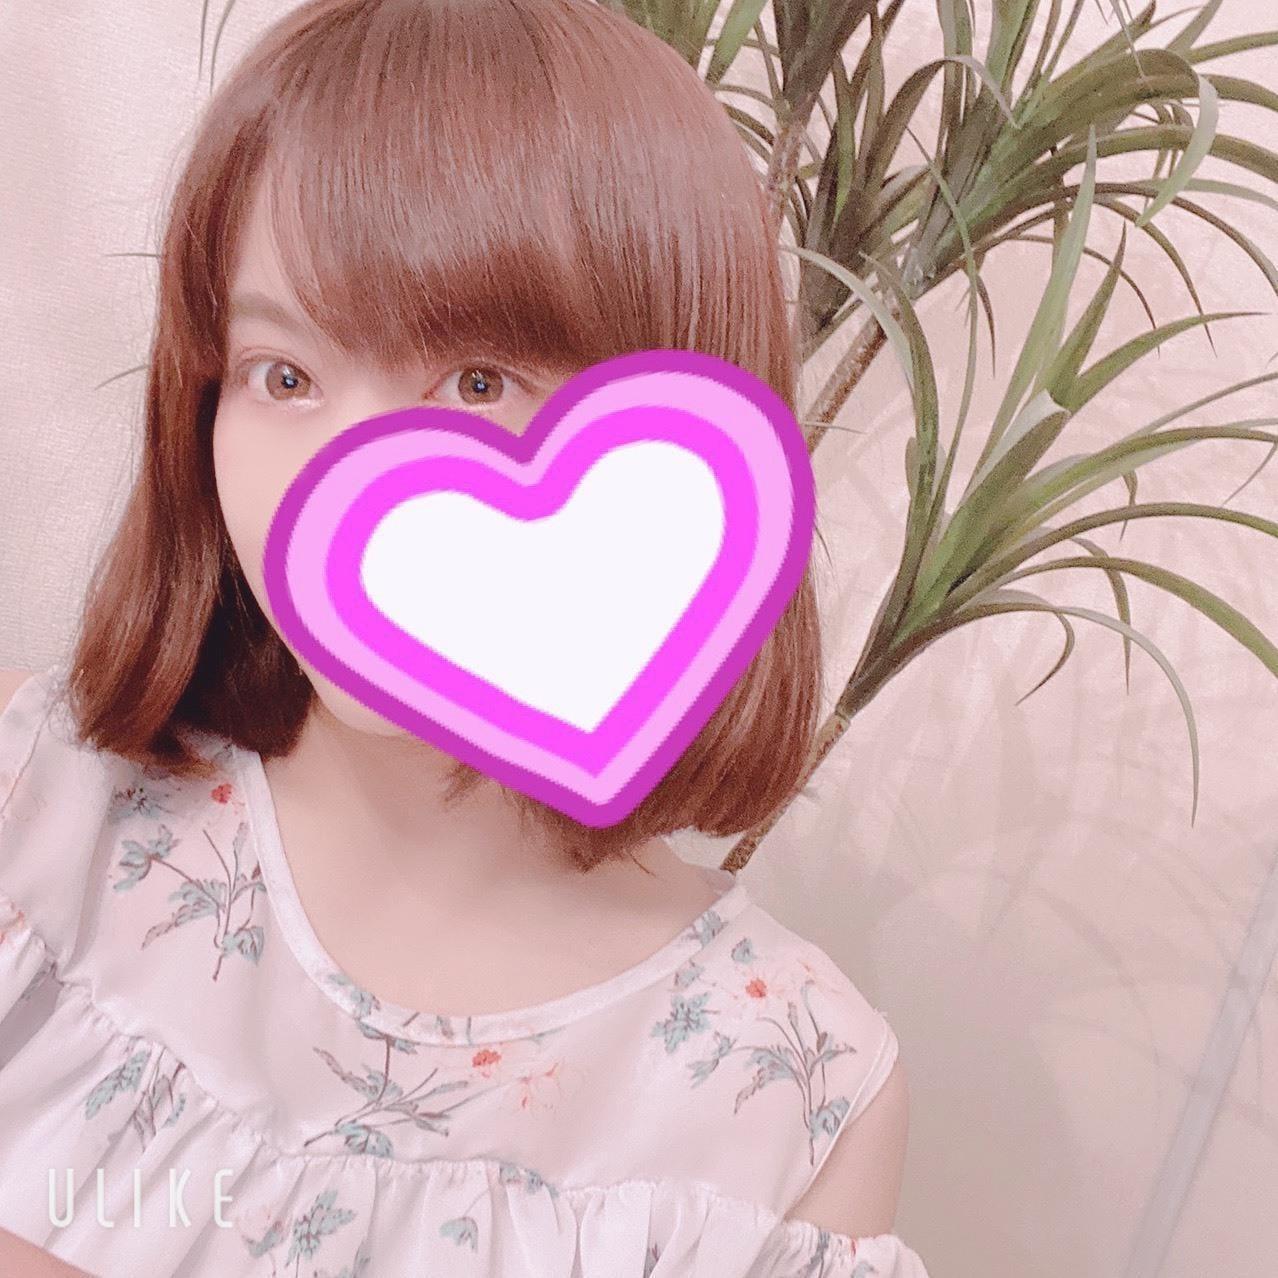 「Eさんありがとうございました!」06/24日(木) 06:20 | るるの写メ・風俗動画